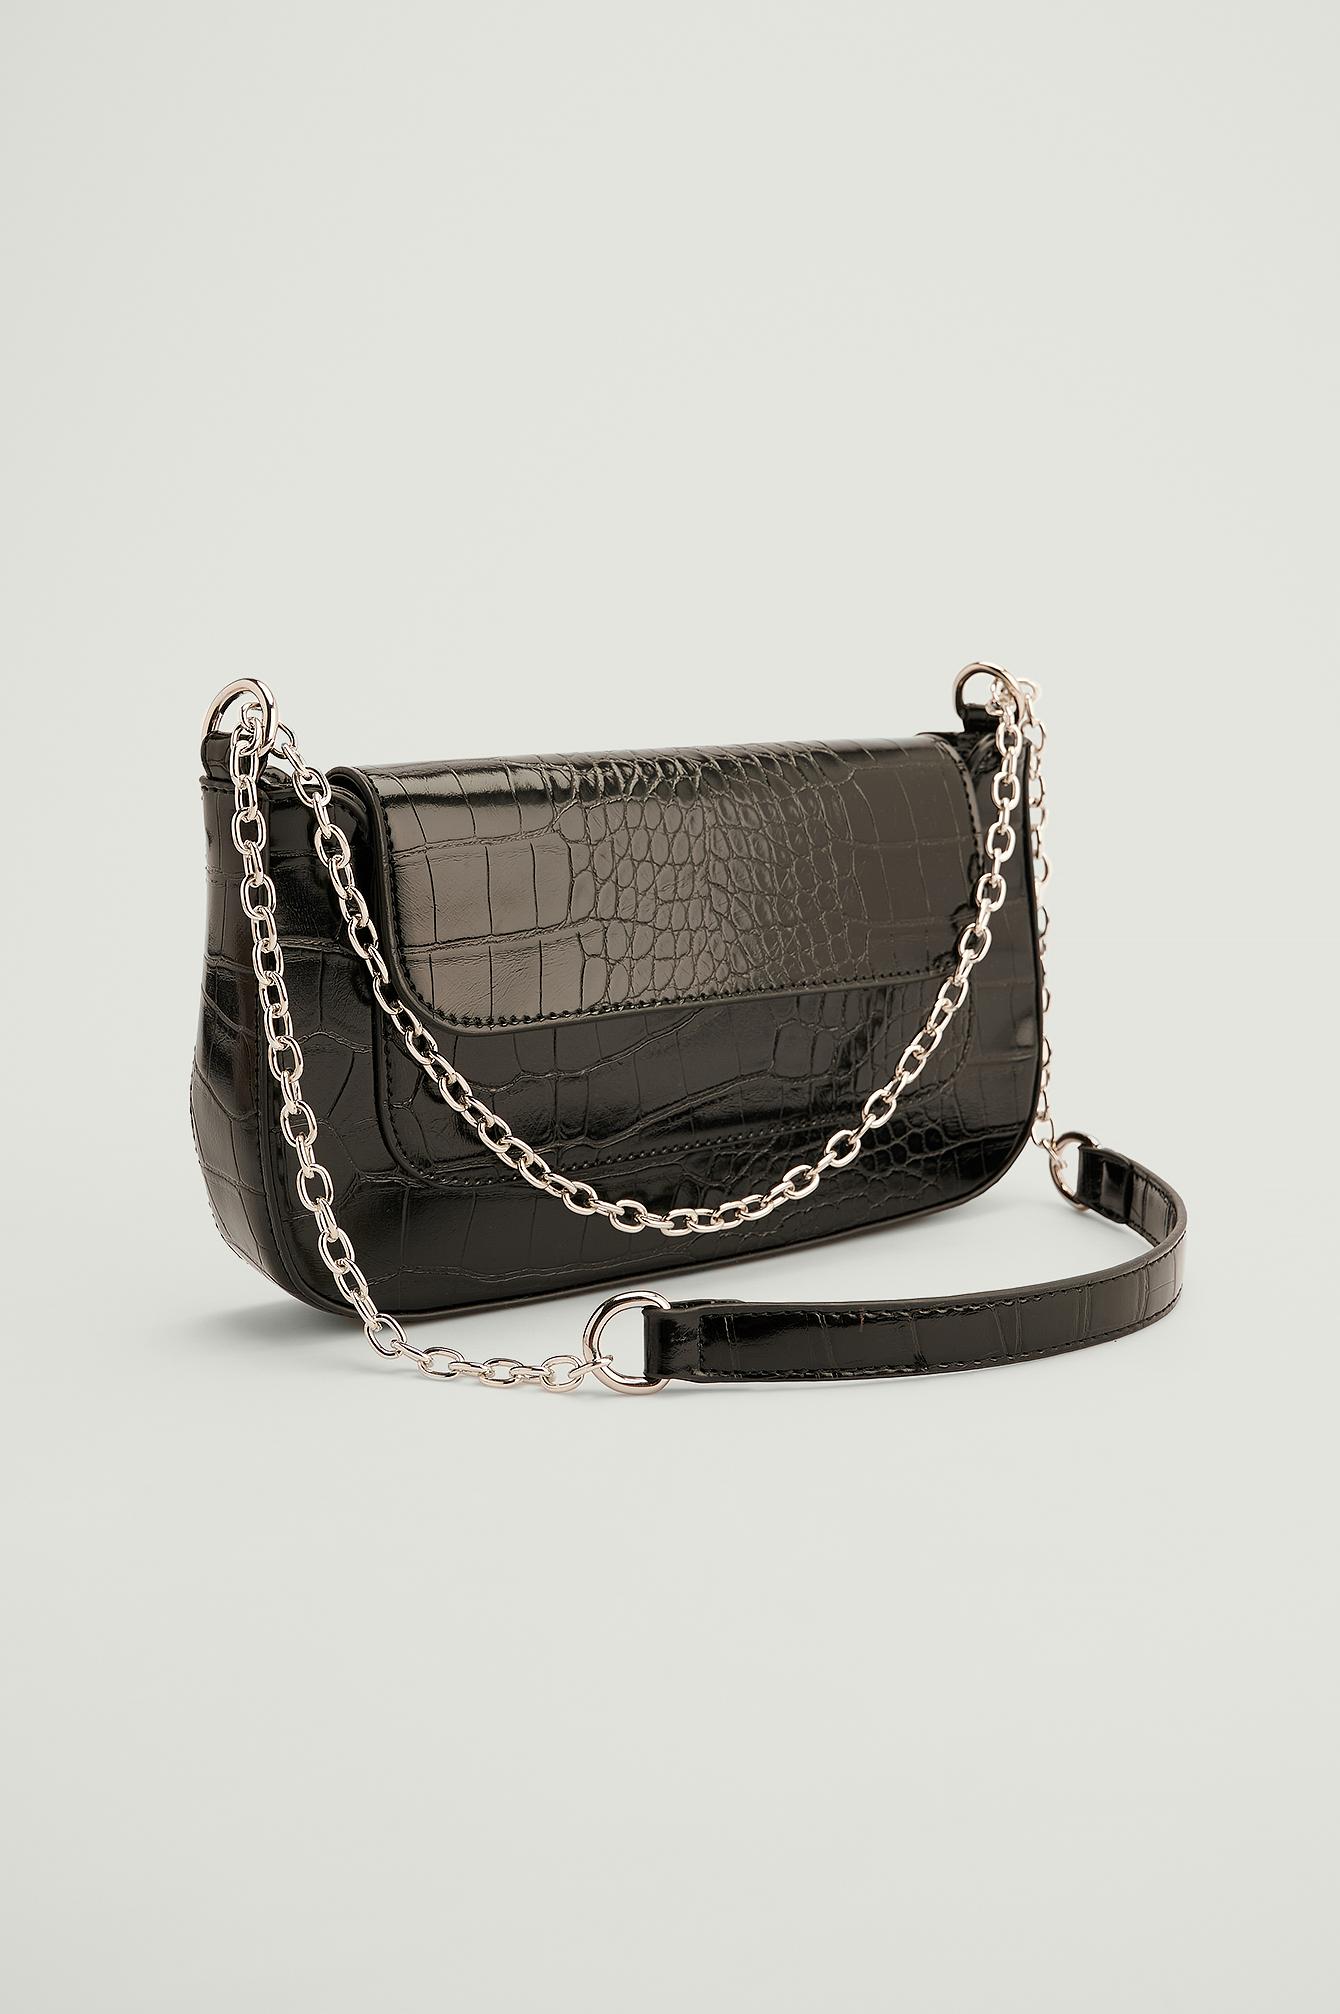 Se NA-KD Accessories Genanvendt Baguettetaske-taske Med Detalje På Lomme - Black ved NA-KD